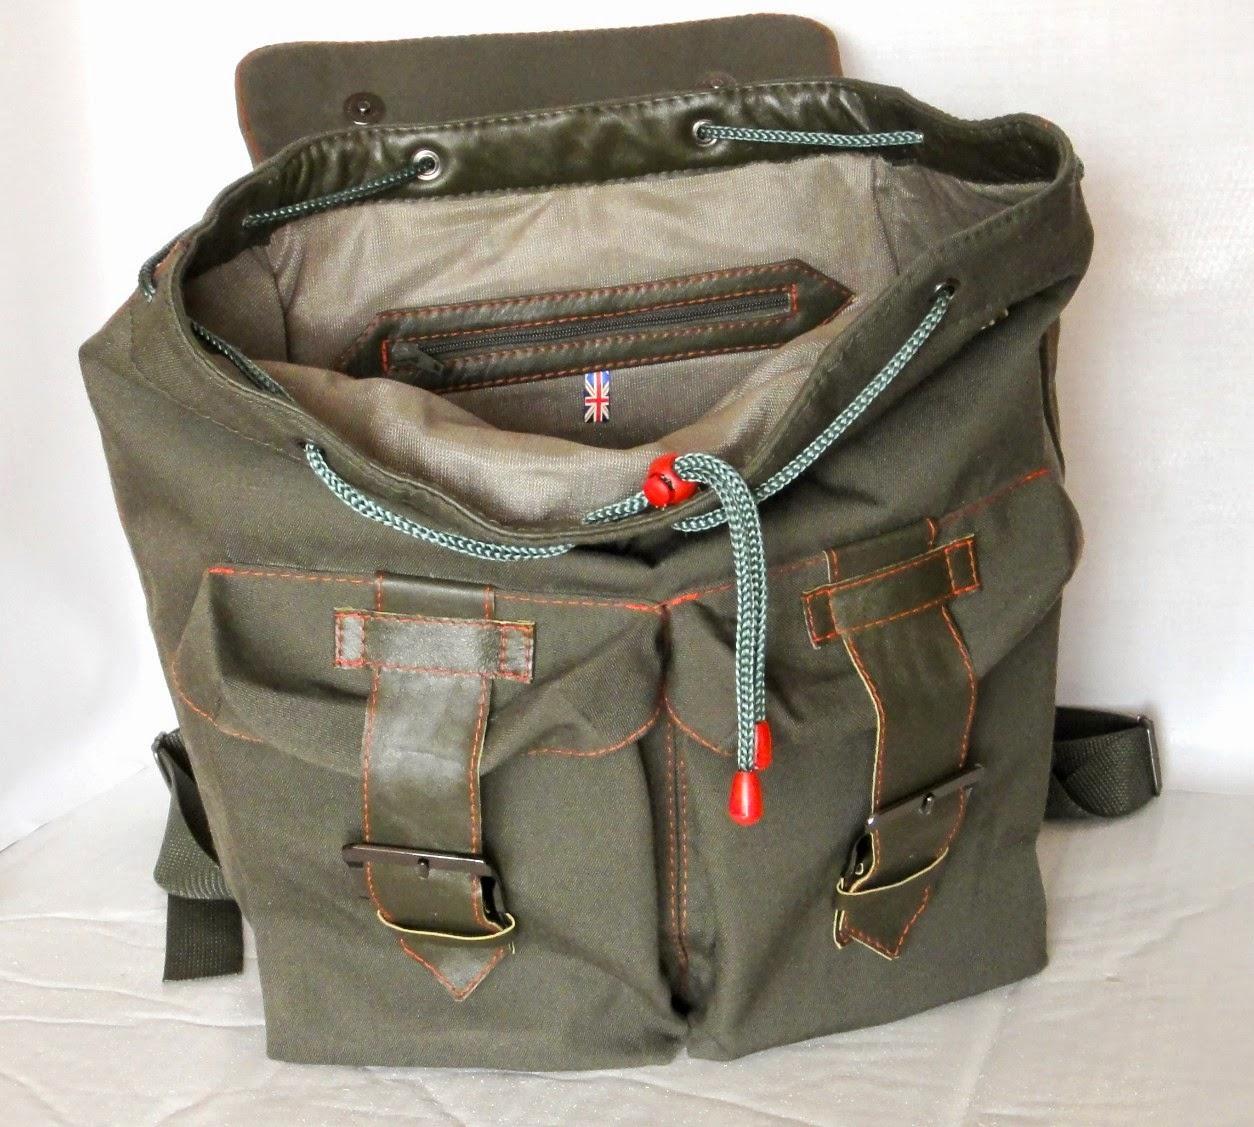 Сумка рюкзак для подростка: сшит из плотной ткани и натуральной кожи